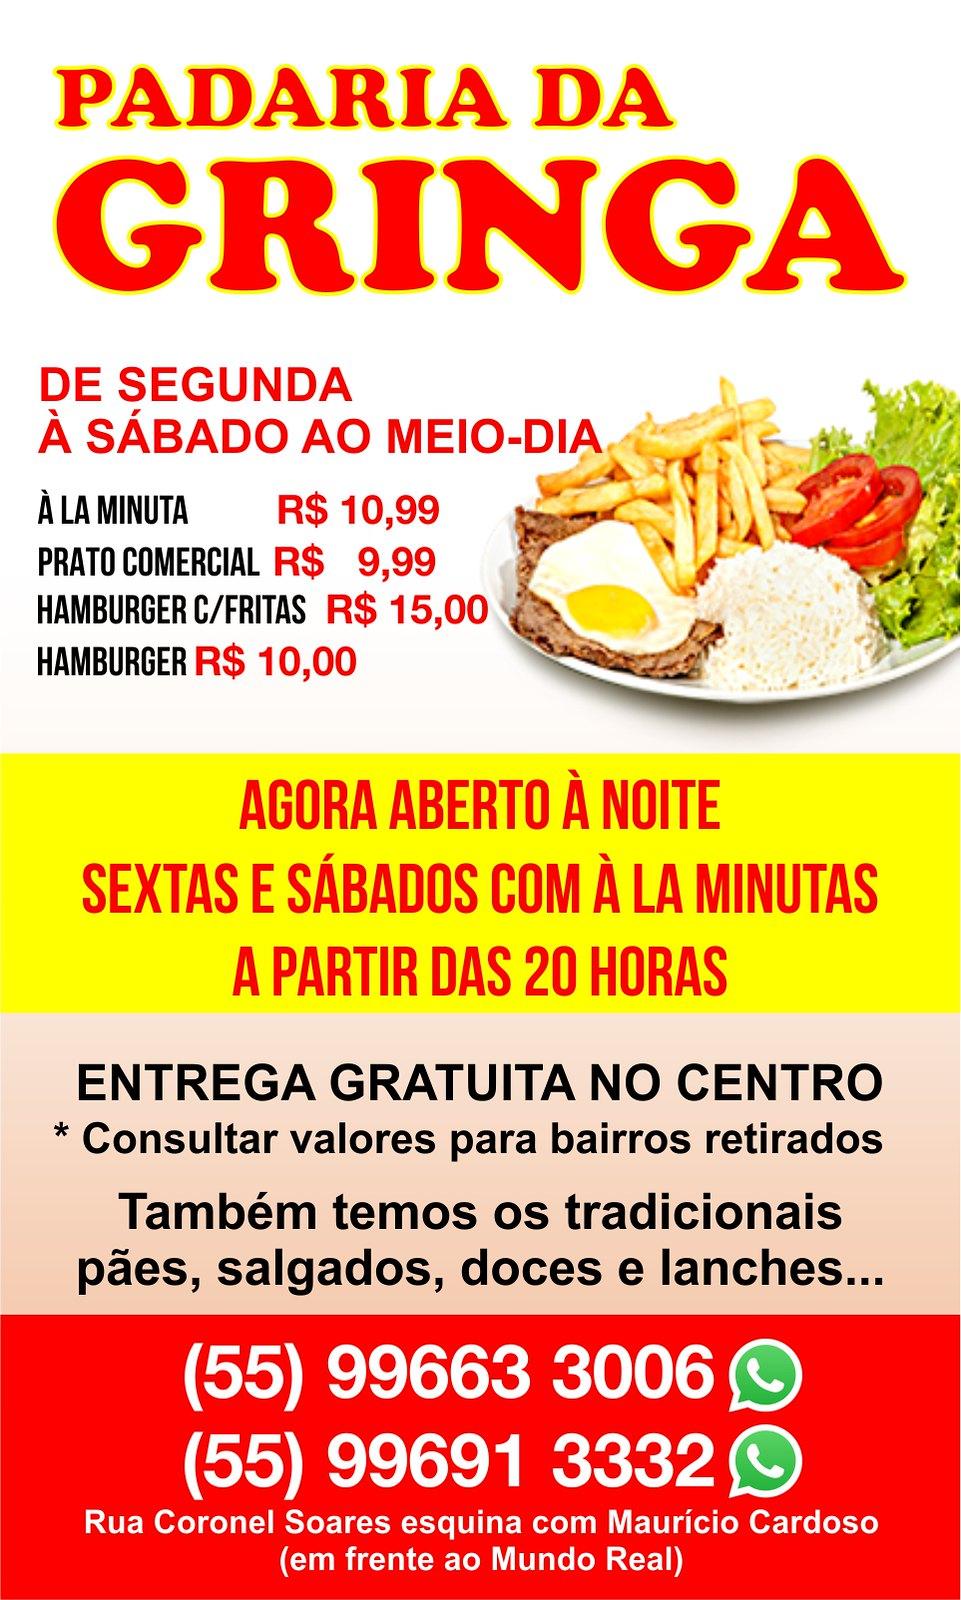 A partir de terça, à la minuta e prato comercial na Padaria da Gringa